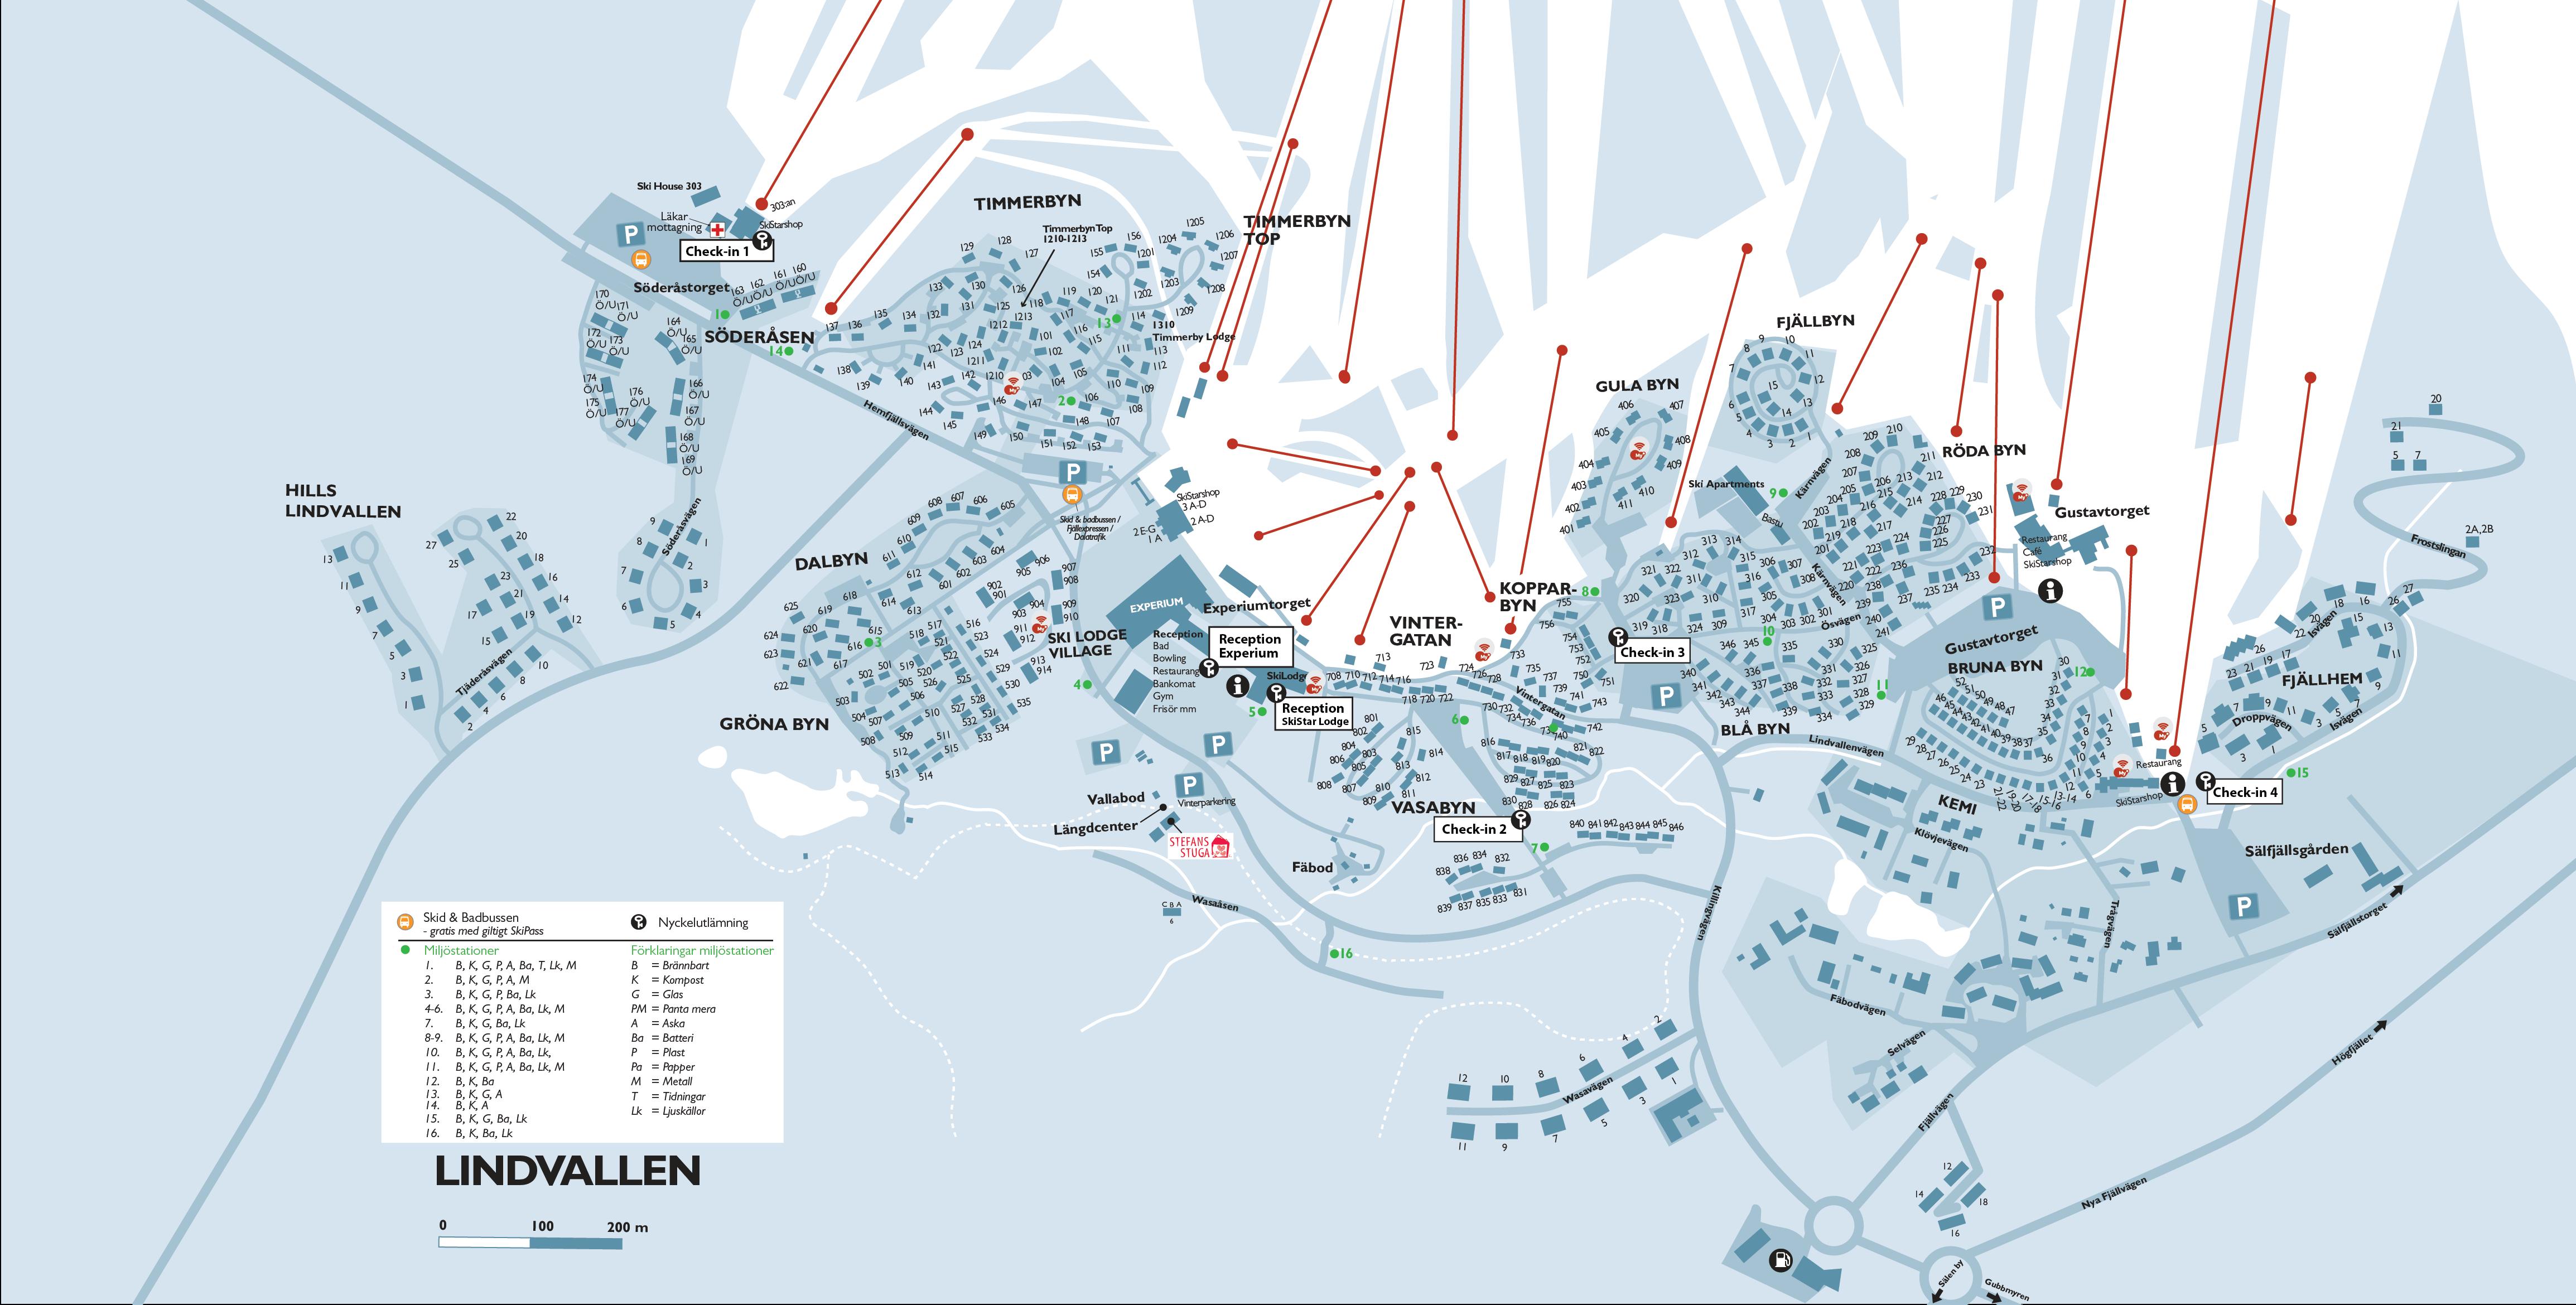 karta lindvallen SkiStar Lodge Experium karta lindvallen